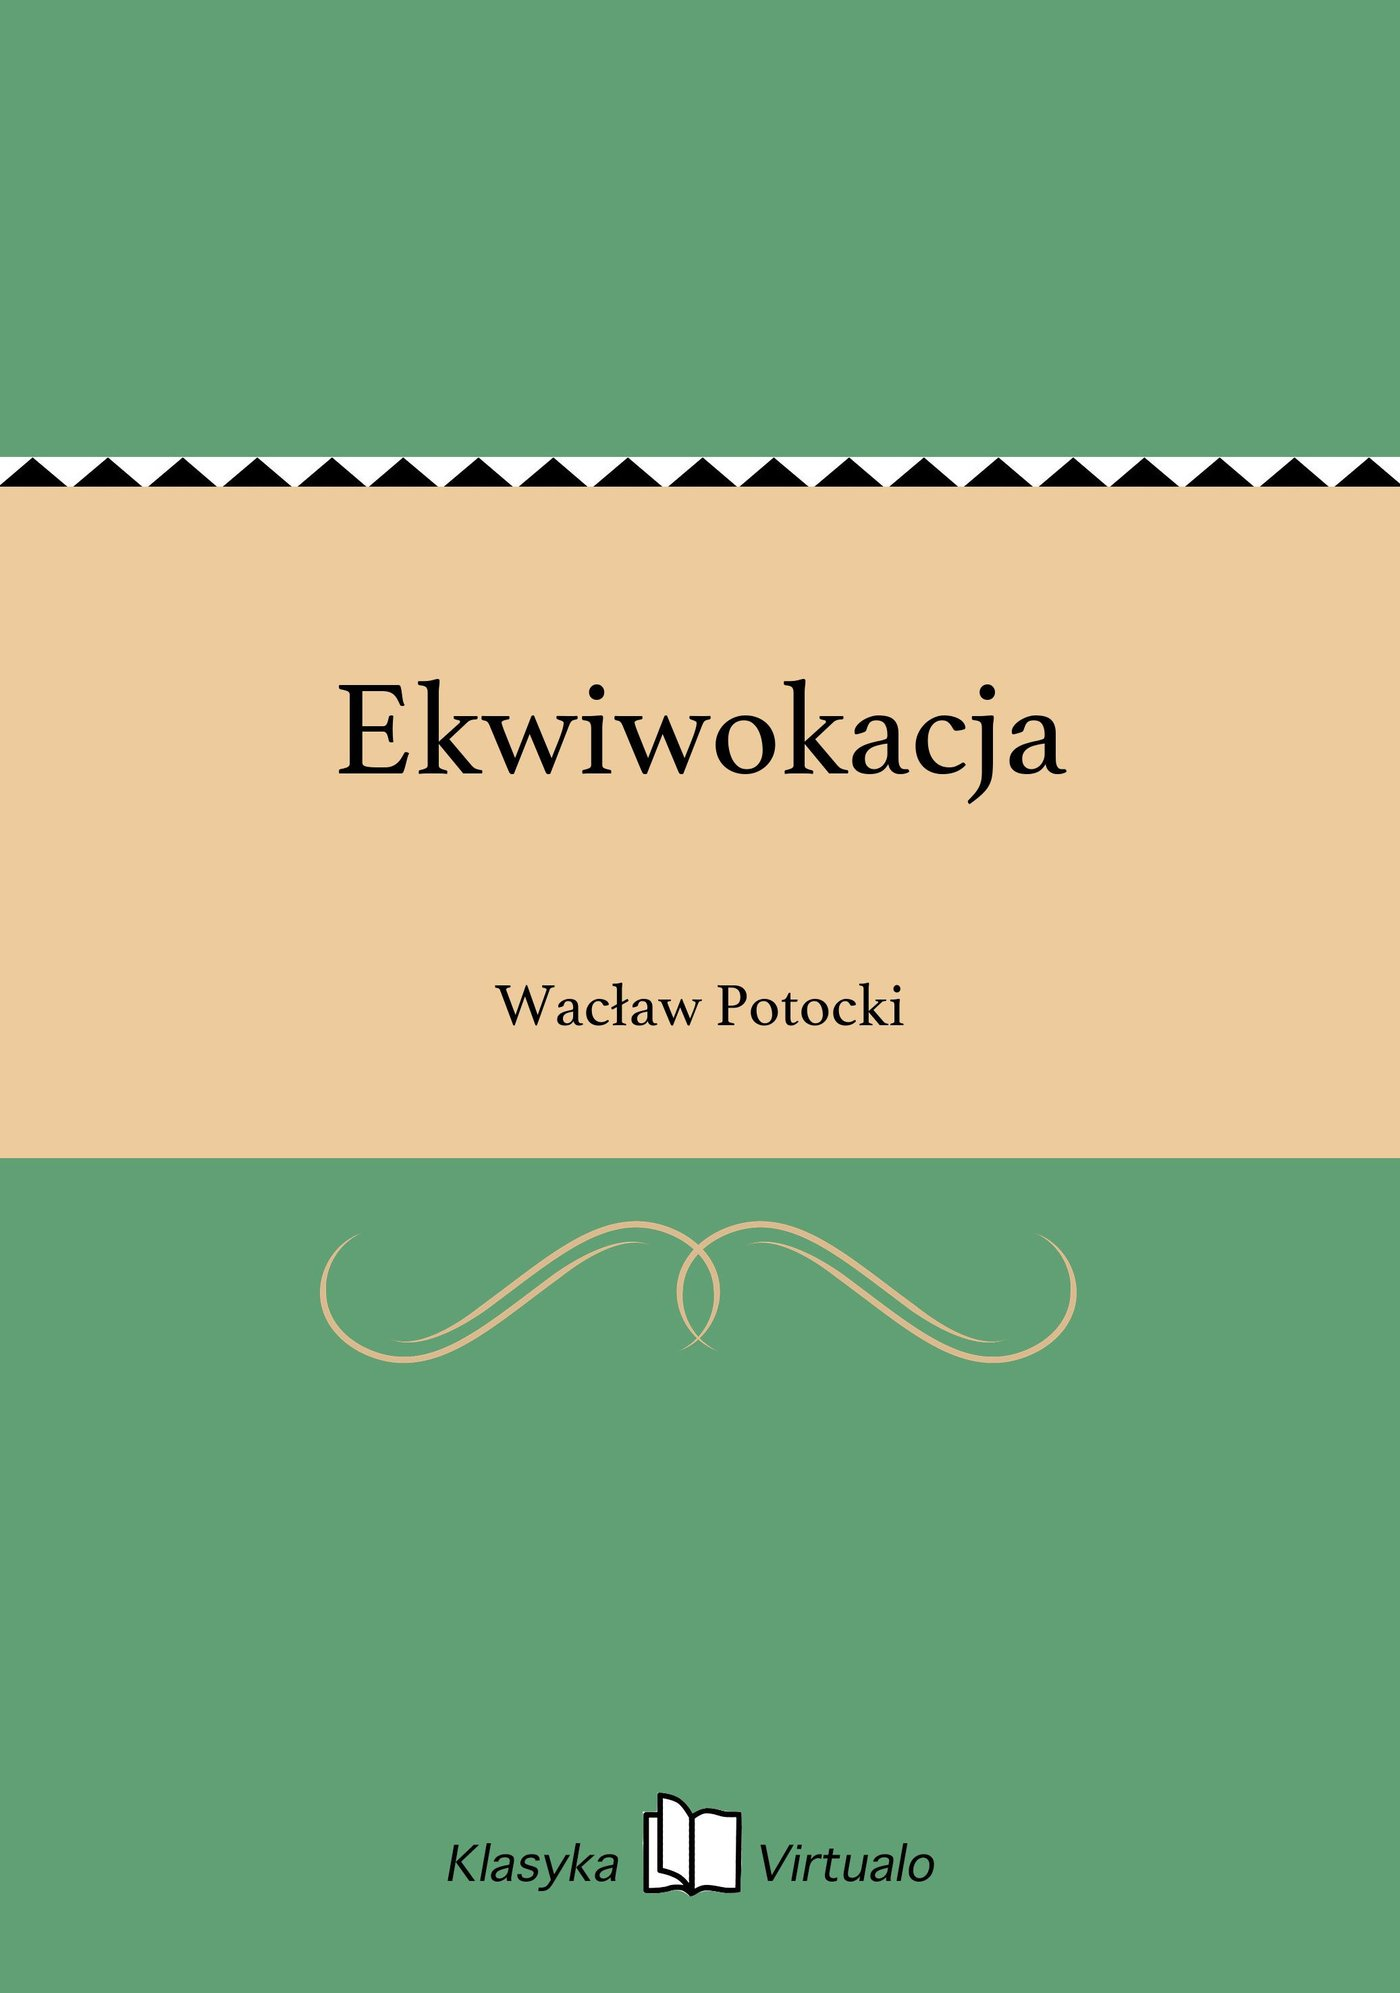 Ekwiwokacja - Ebook (Książka EPUB) do pobrania w formacie EPUB